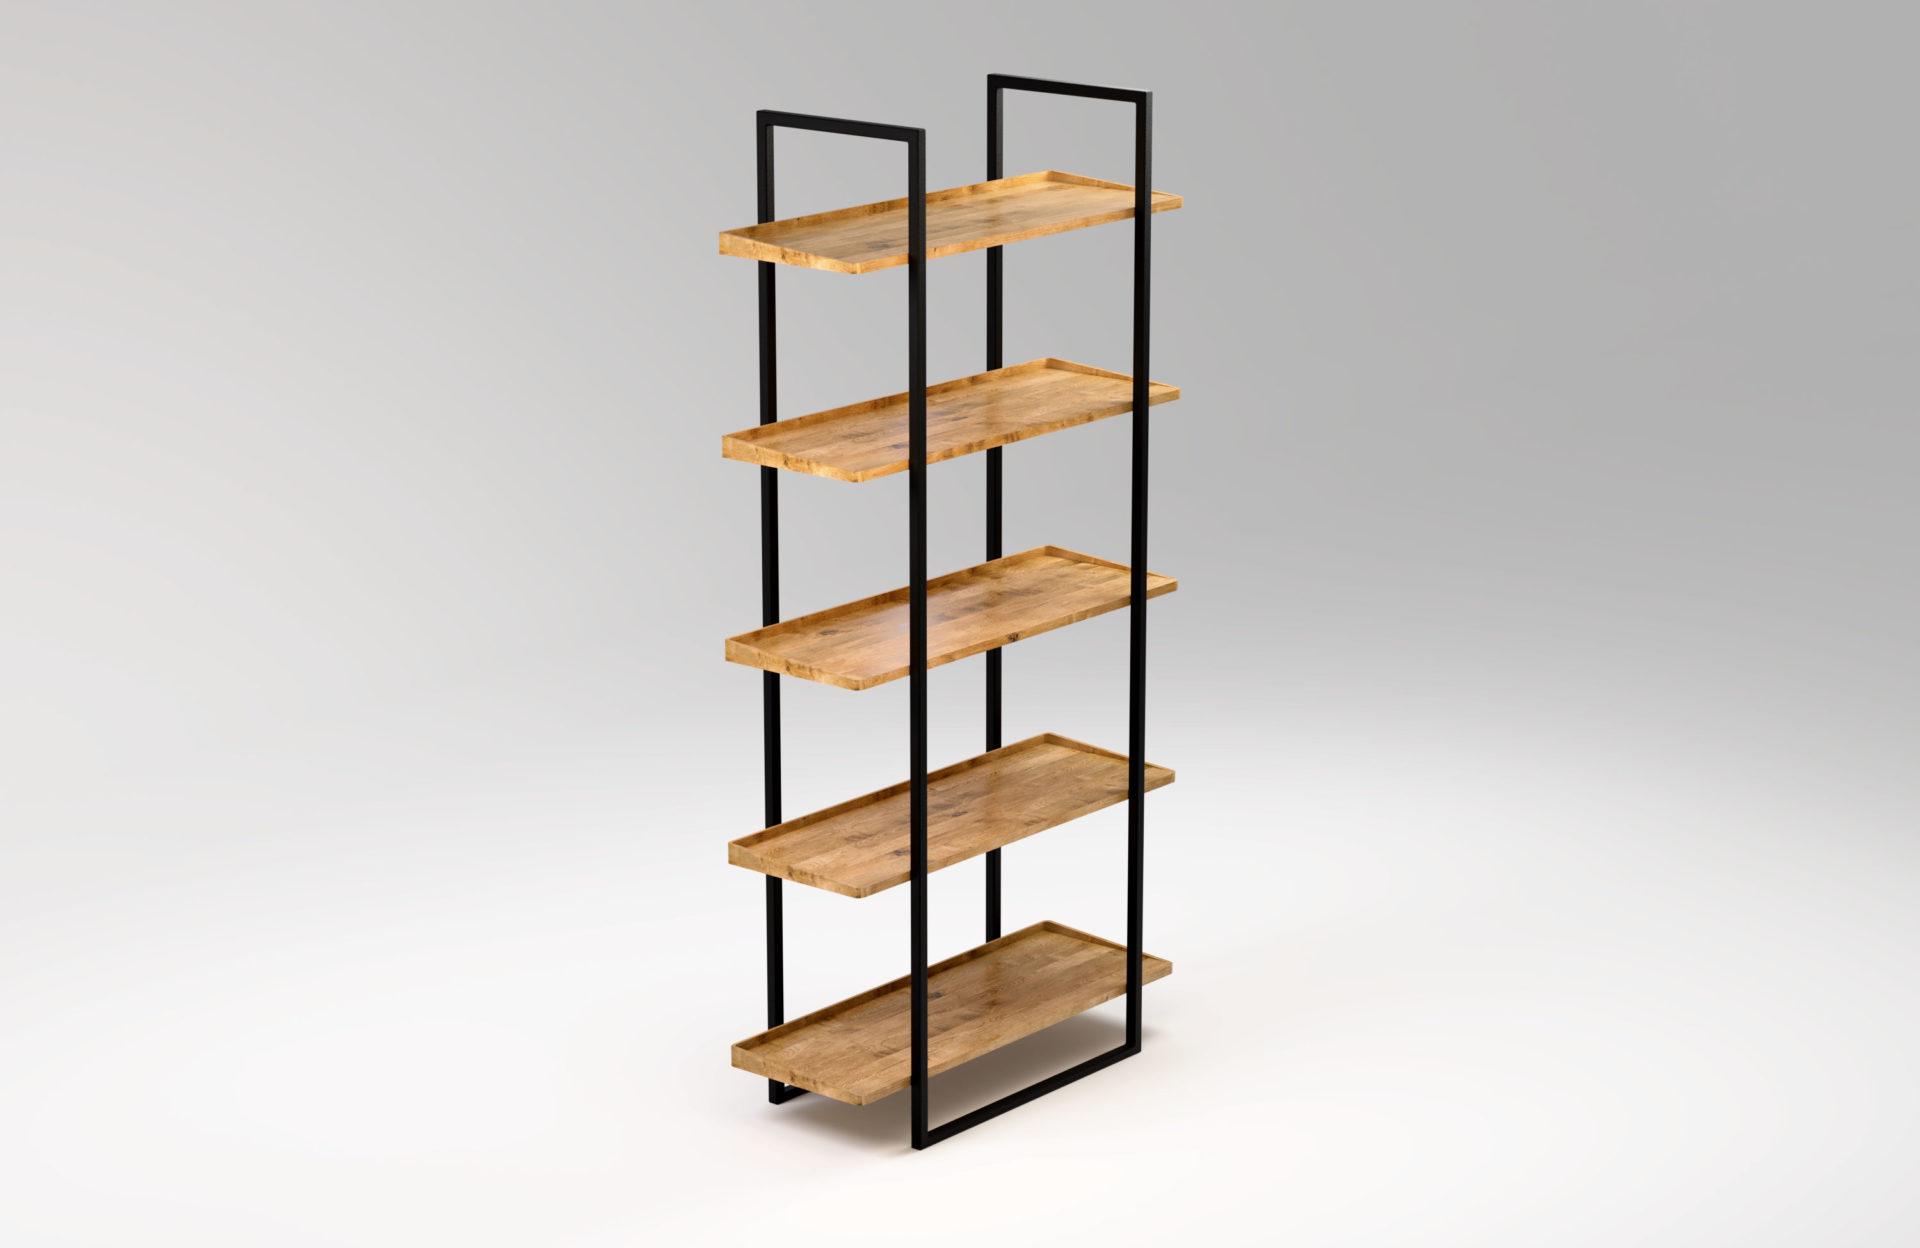 Regał na książki z metalową konstrukcją i drewnianymi półkami w nowoczesnym stylu industrialnym. Ażurowa półka NIVÅ w kolorze czarnym.